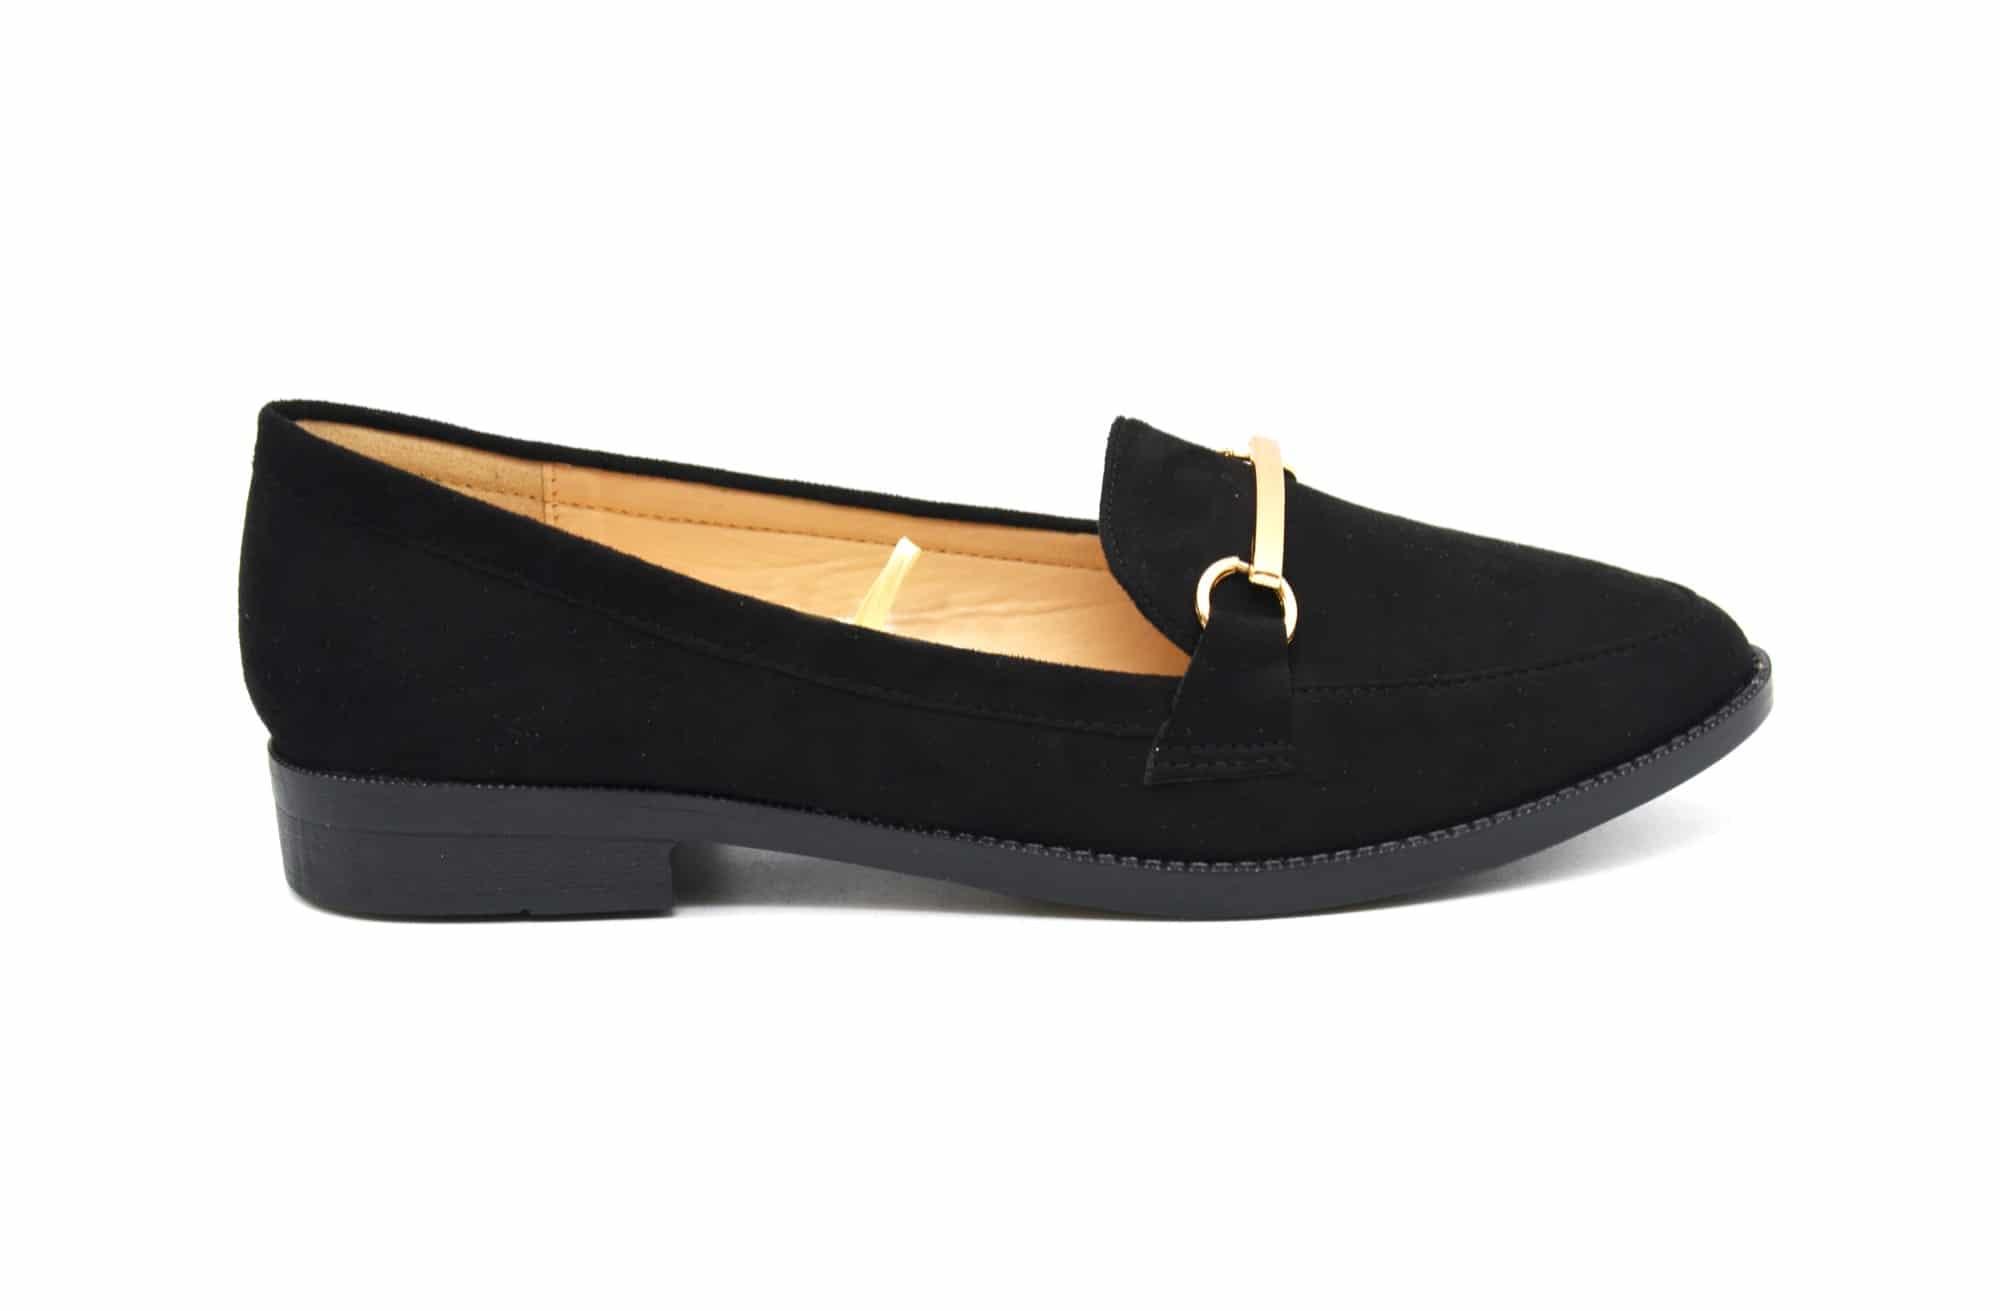 shp106 mocassins slippers effet daim noir avec barre m tal dor et petit talon oh my shop. Black Bedroom Furniture Sets. Home Design Ideas